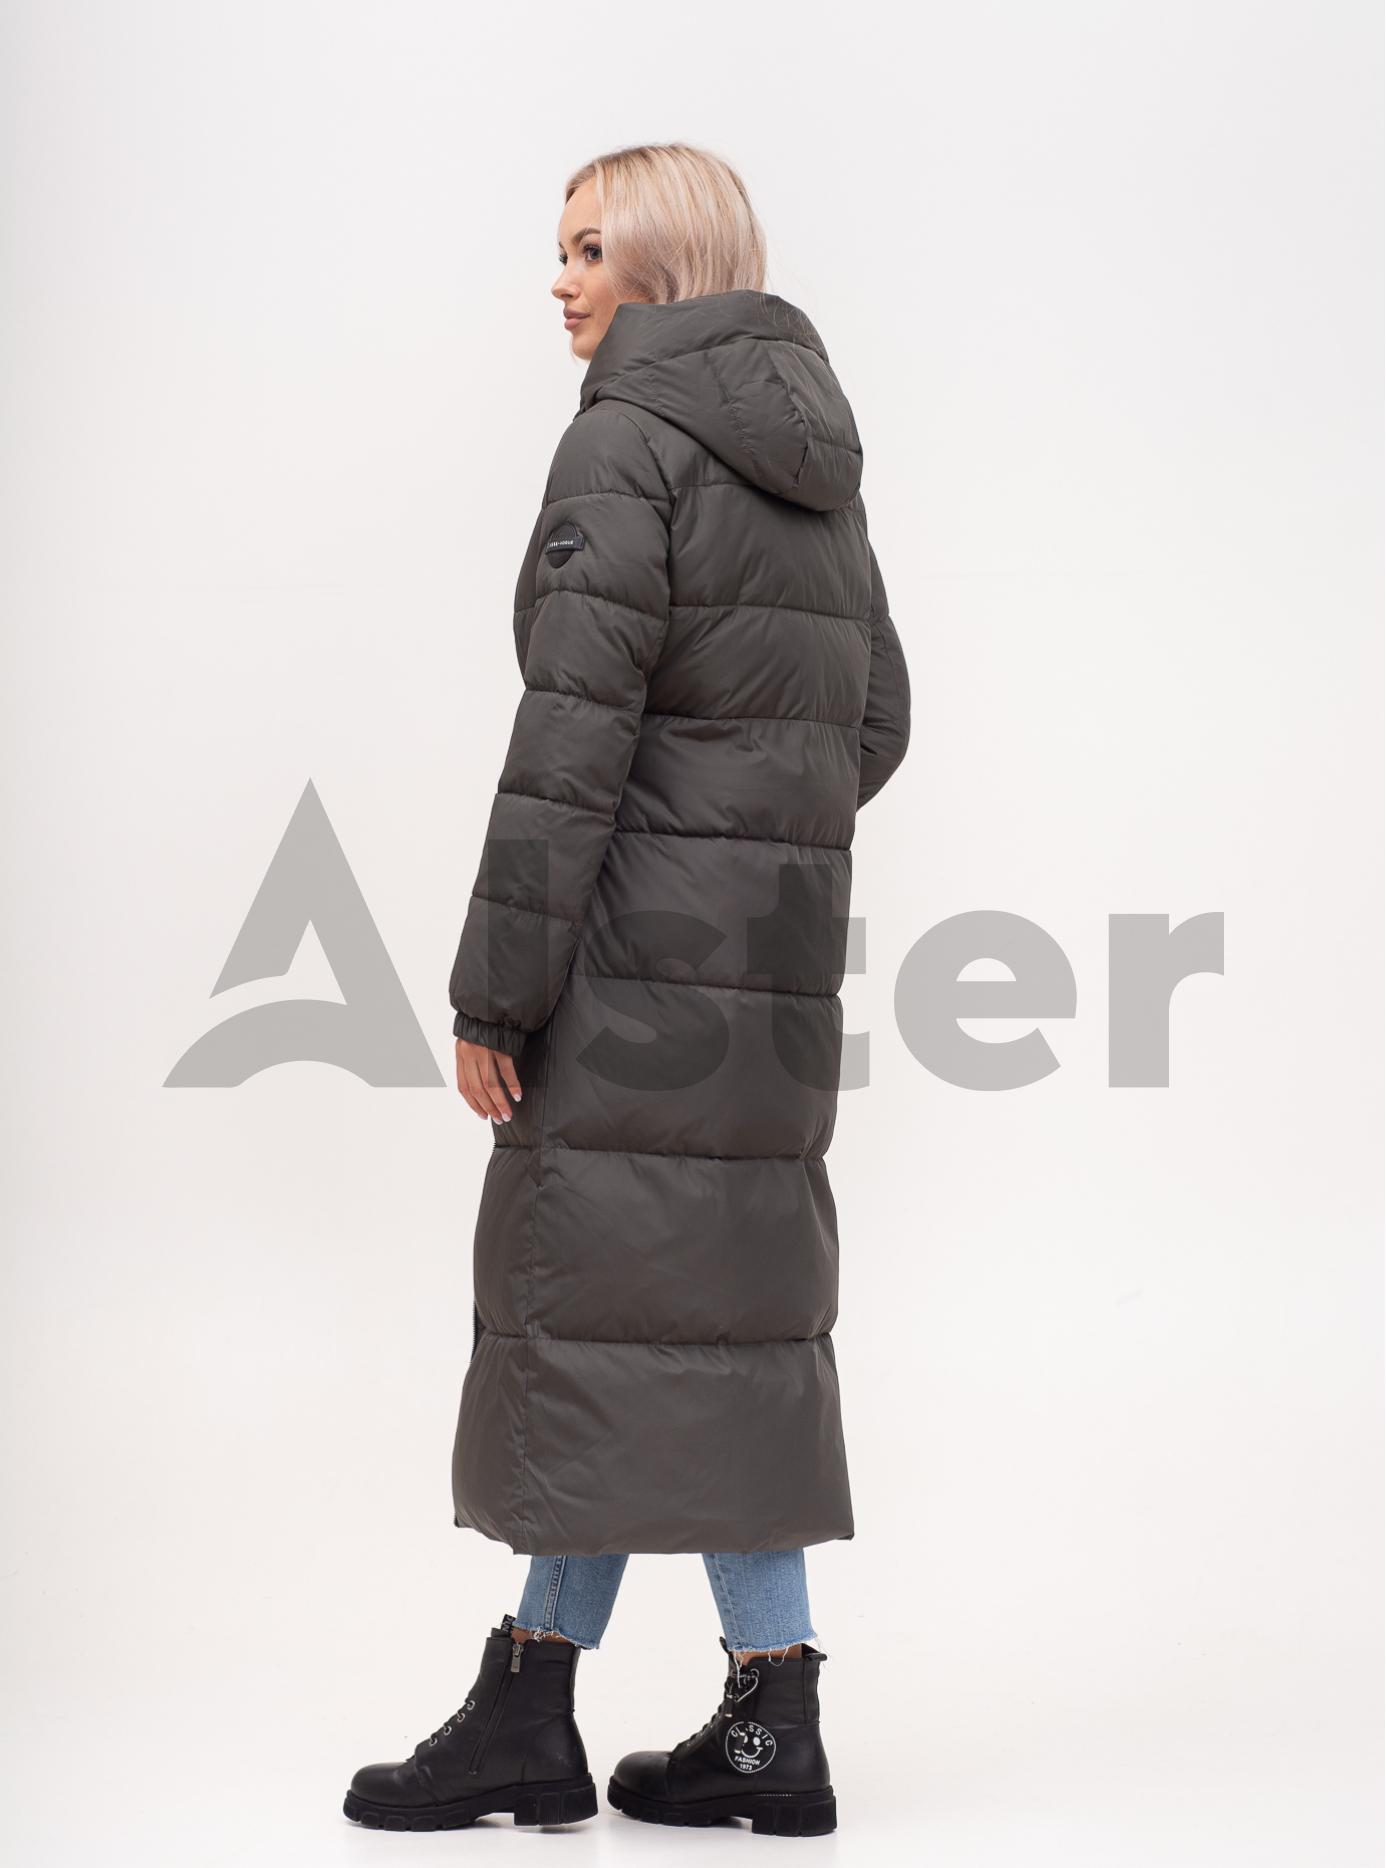 Куртка зимняя длинная приталенная Серо-зелёный S (01-N200594): фото - Alster.ua